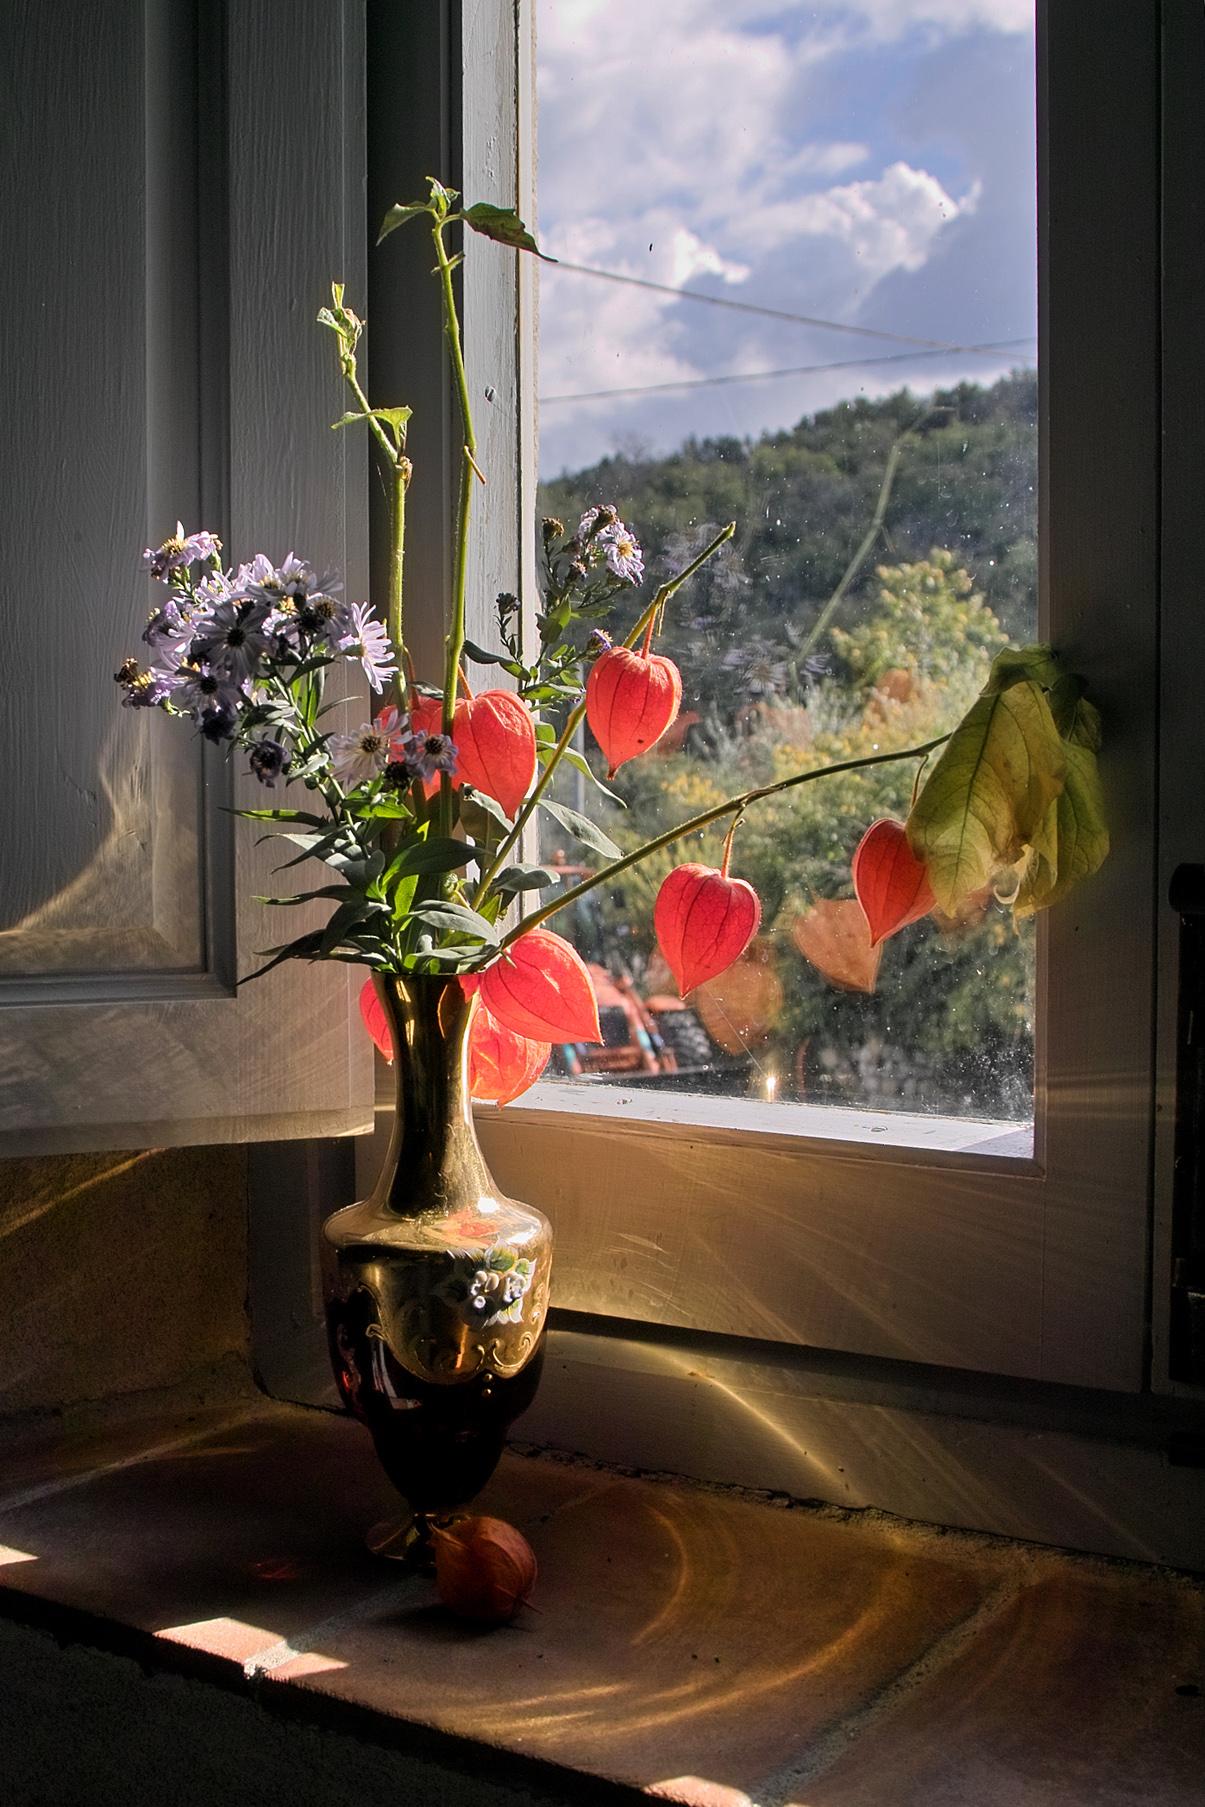 Fiori alla finestra juzaphoto - Fiori da finestra ...